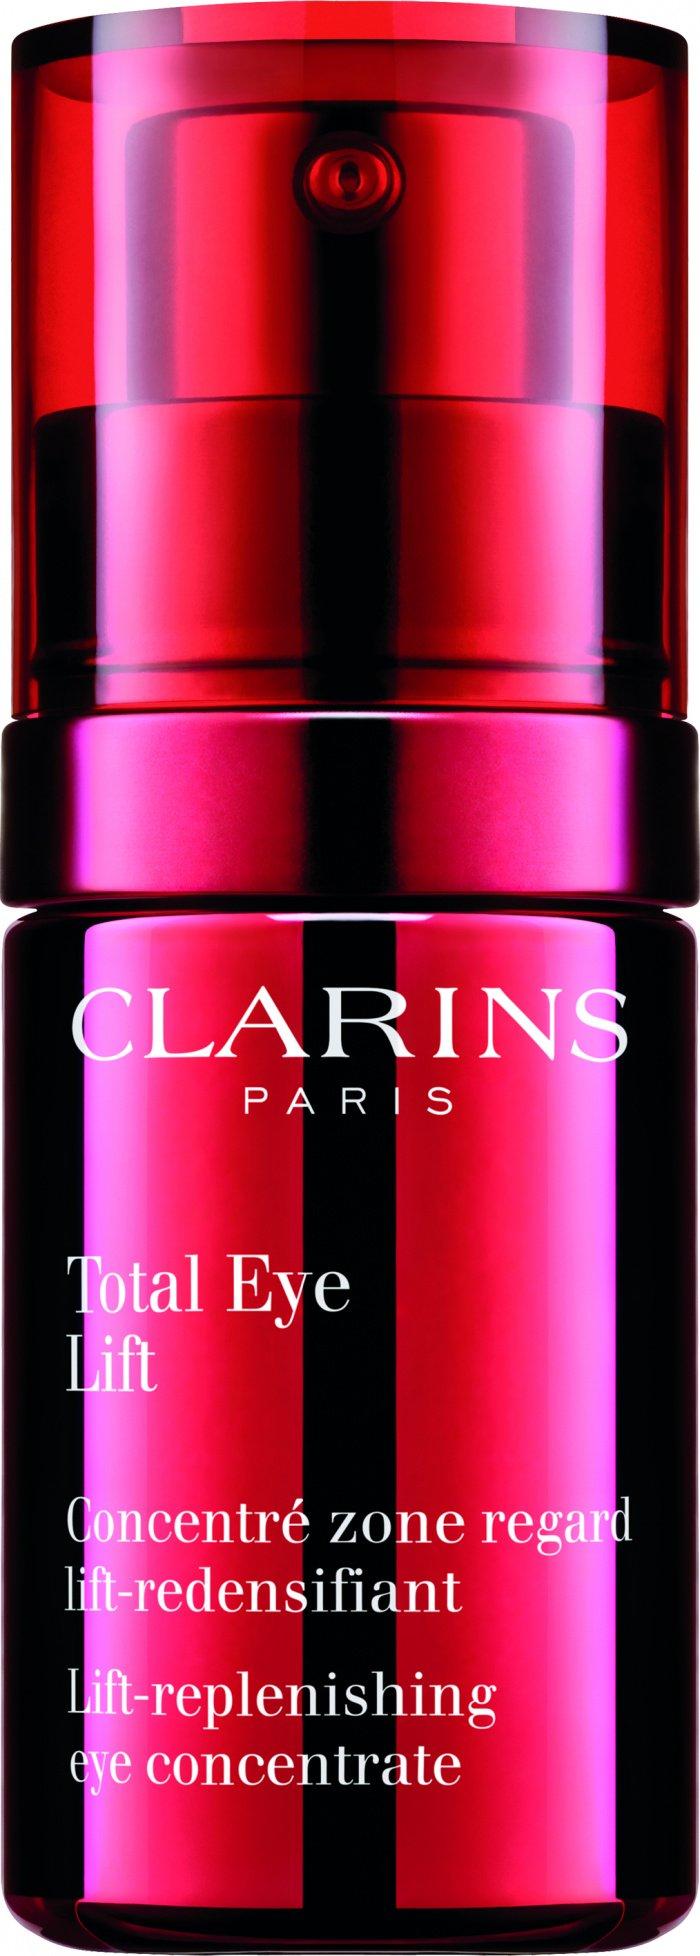 Clarins Produkttest: Für eine straffere und glattere Augenpartie